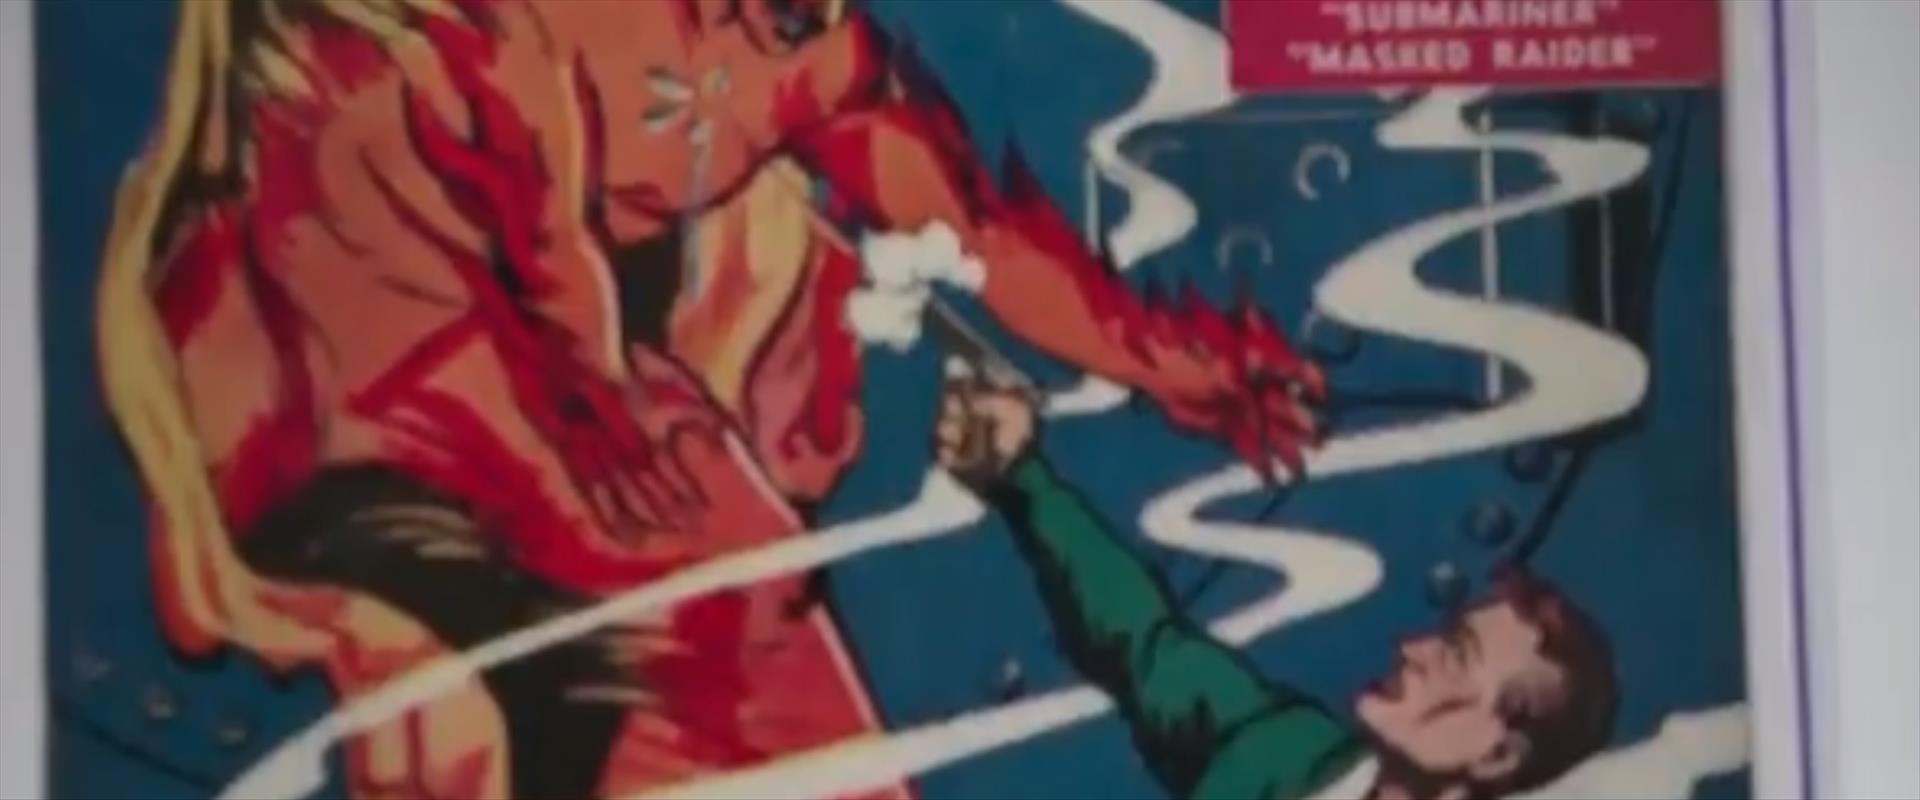 חוברת הקומיקס ששברה את השיא